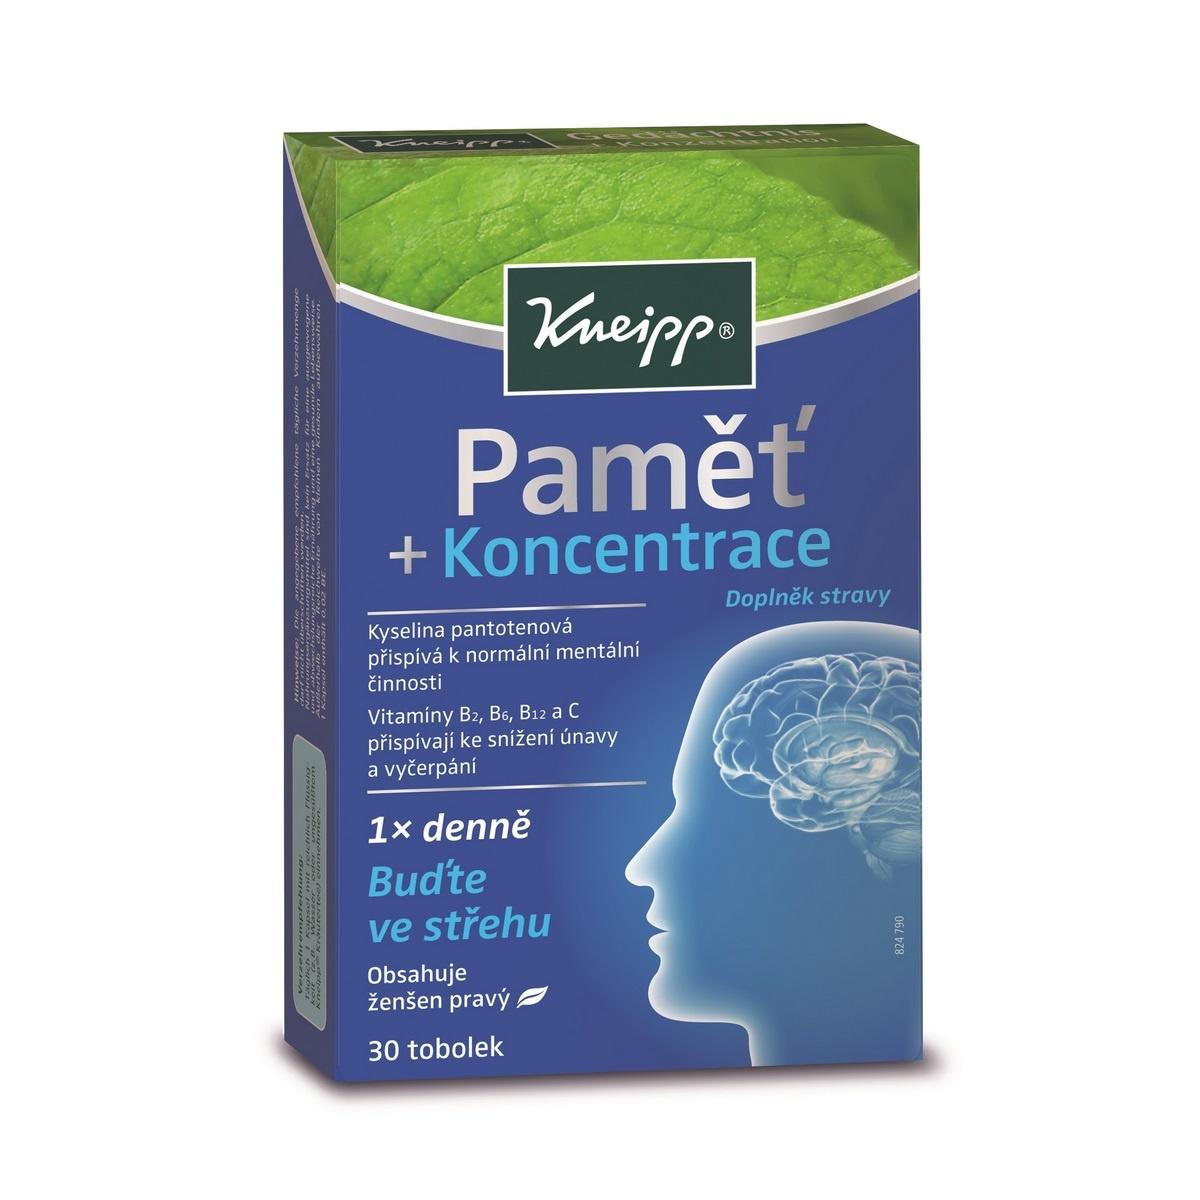 Kneipp Doplněk stravy Paměť a koncentrace, 30 tob.